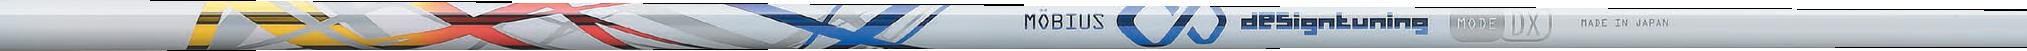 MöBIUS Designtuning DX